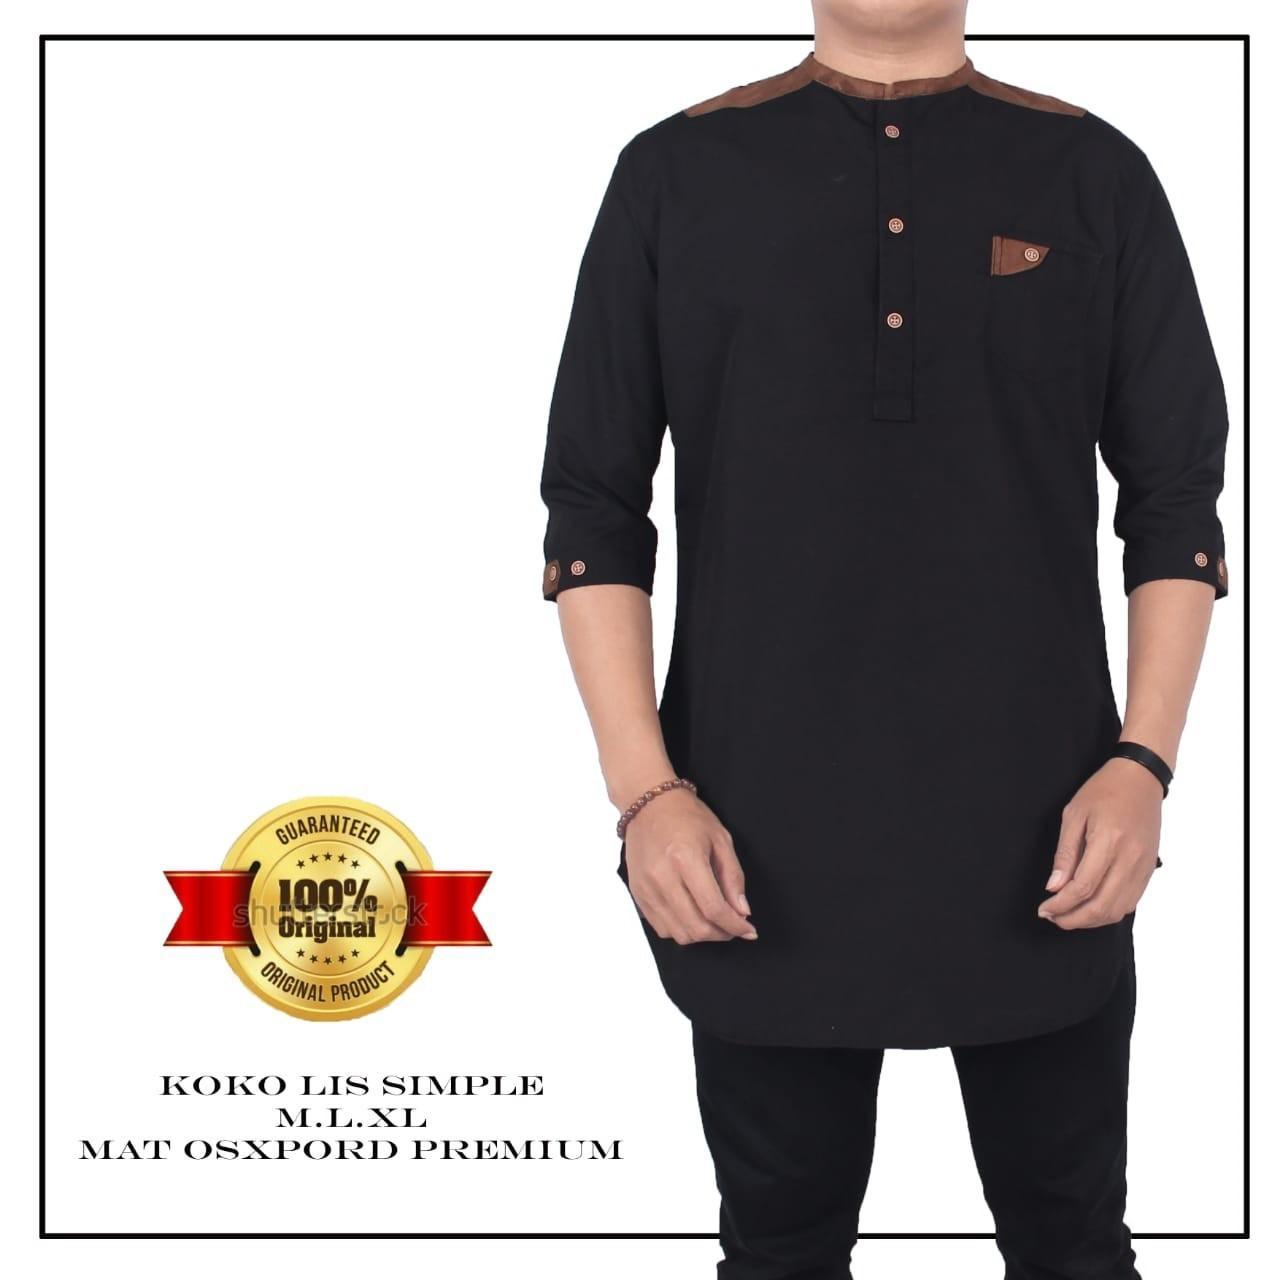 Baju Koko - Baju Muslim terbaru - Baju koko pakistan - Kemeja Koko Pakistan - Koko Qurta - Kemeja Premium -Kemeja Panjang